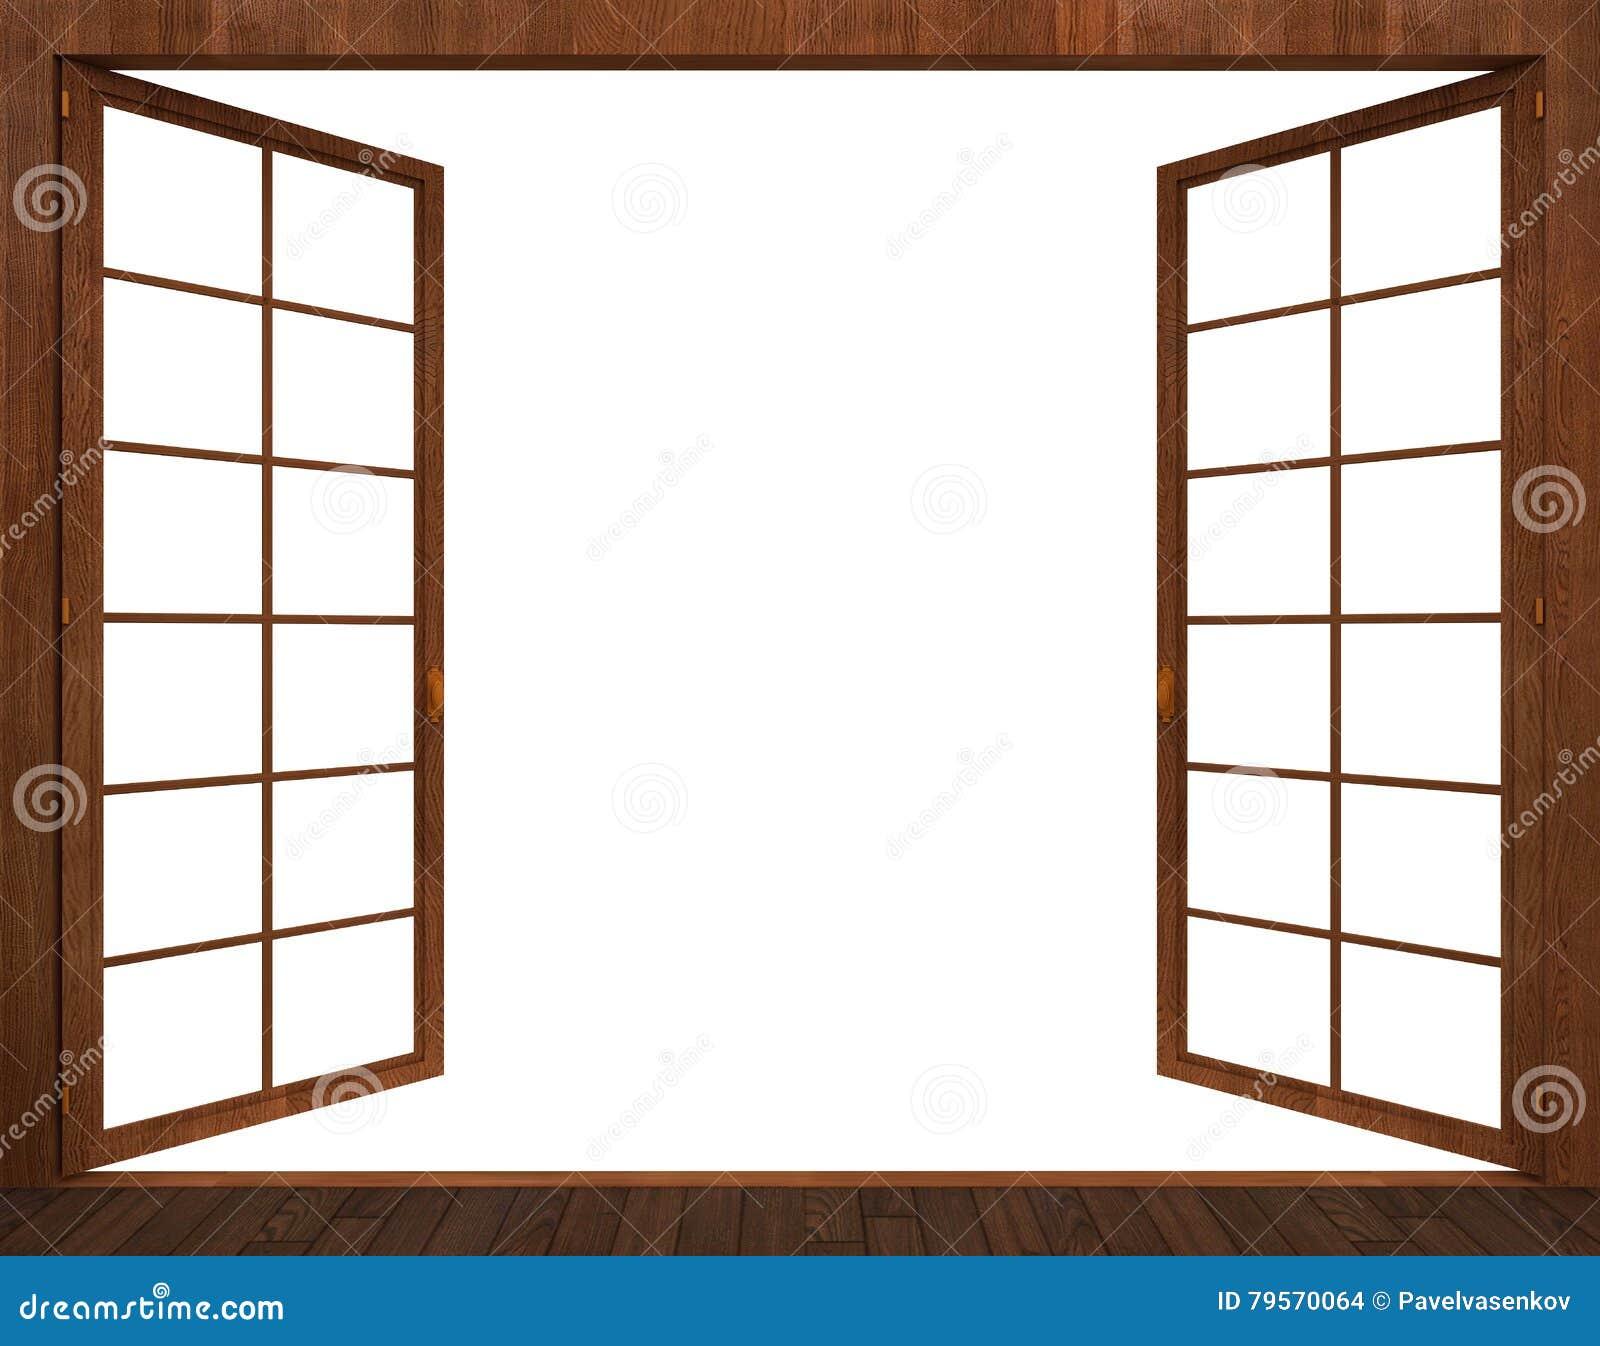 Open Window Clipart Clipart Suggest: Rendição 3d Da Janela De Madeira Aberta Em Um Fundo Branco